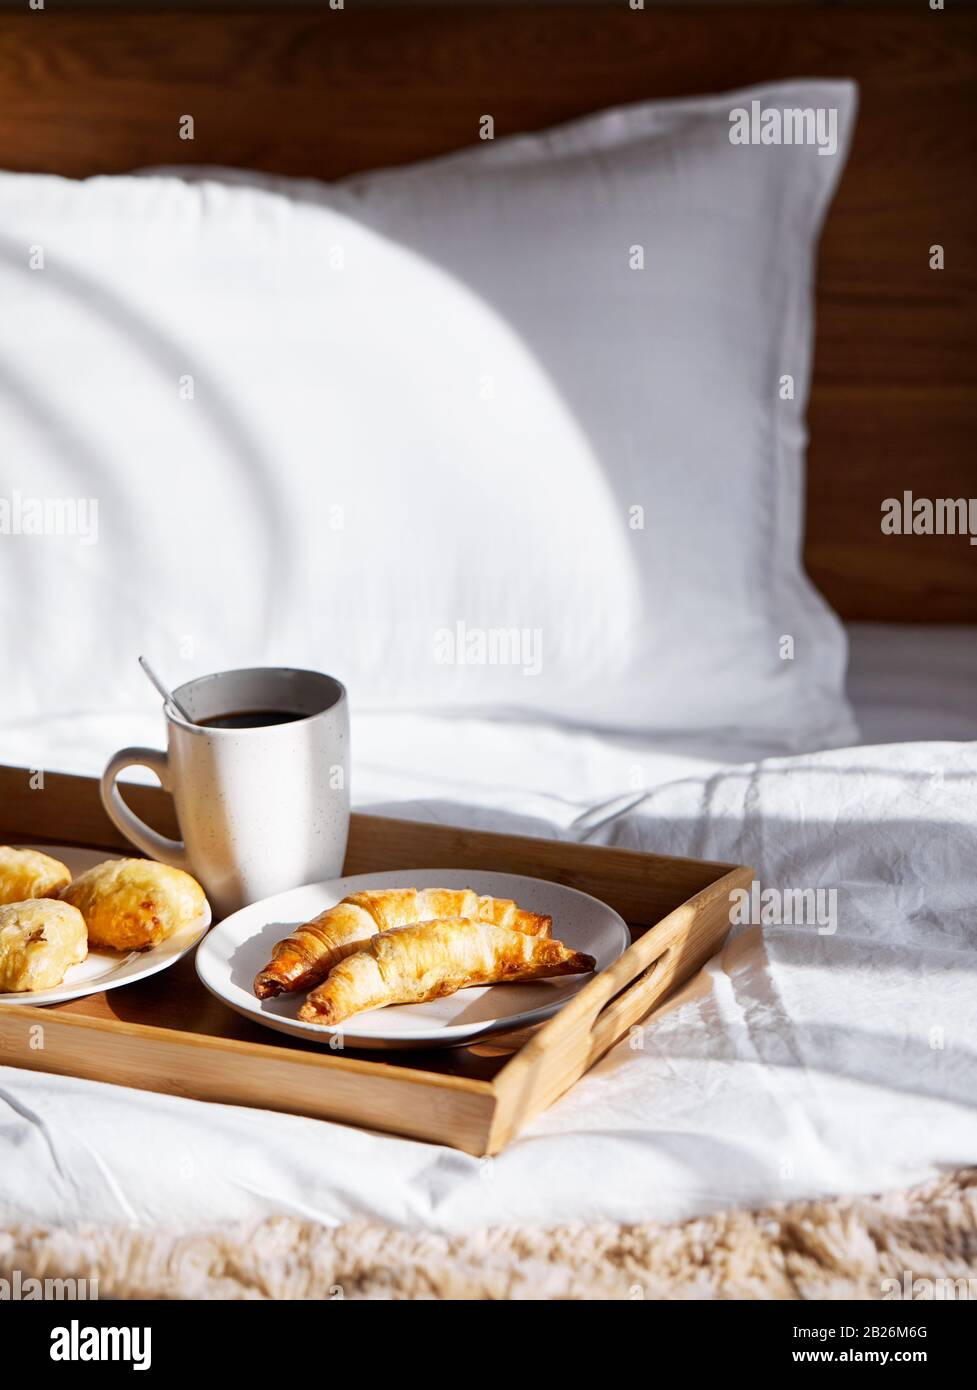 Colazione A Letto Immagini E Fotos Stock Alamy